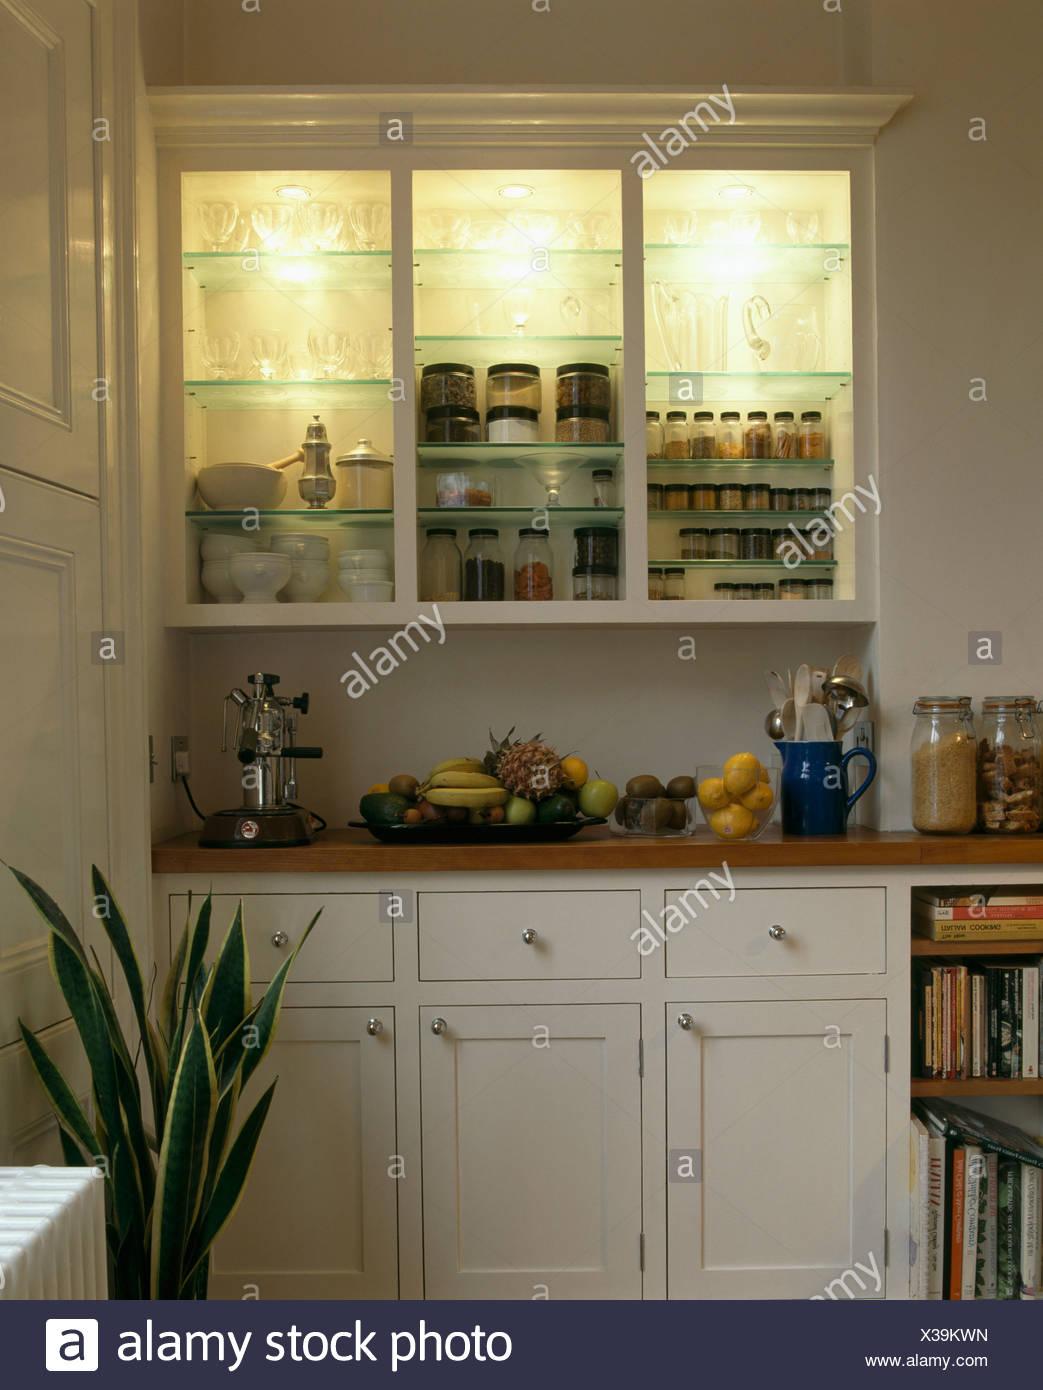 Küchenschrank mit Downlight auf Glas Regal mit Glastüren Stockfoto ...